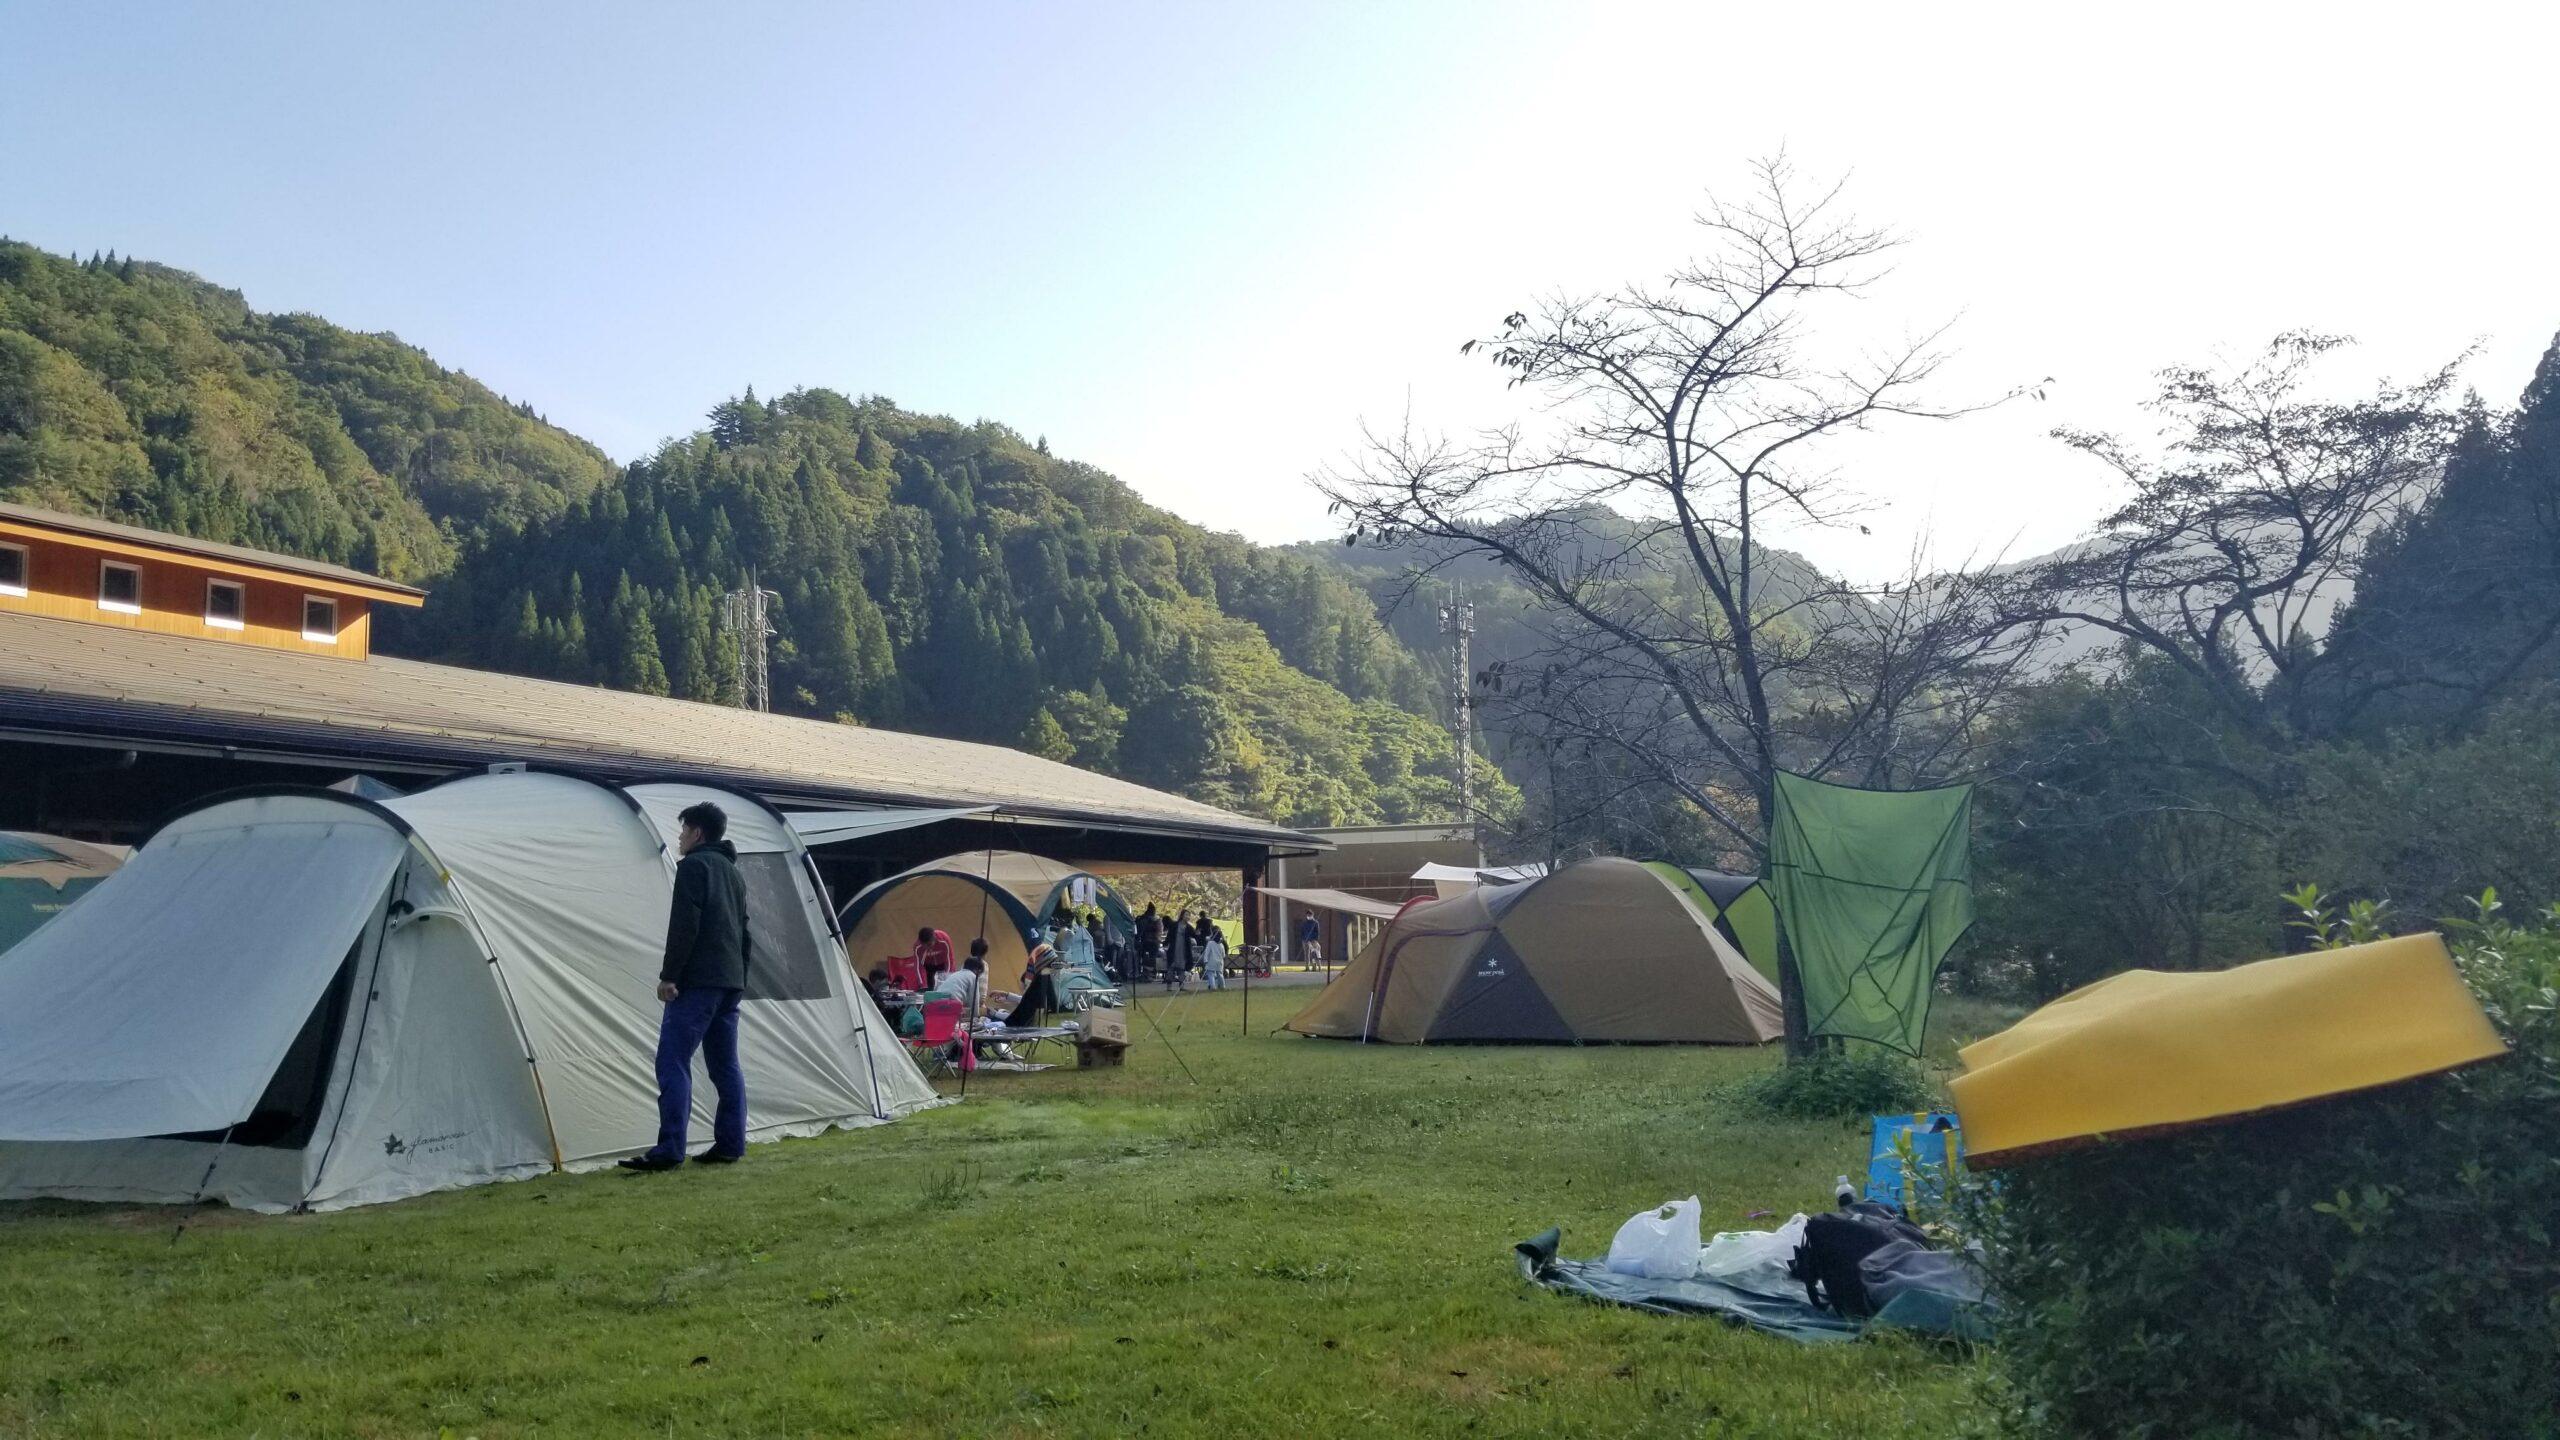 湯来リバーサイドキャンプ(広島市湯来町)